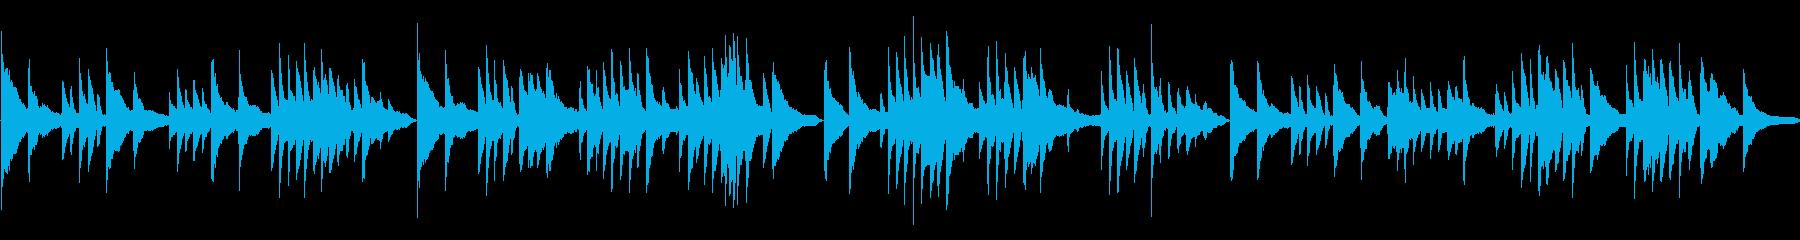 BGMに最適のピアノソロ音源の再生済みの波形